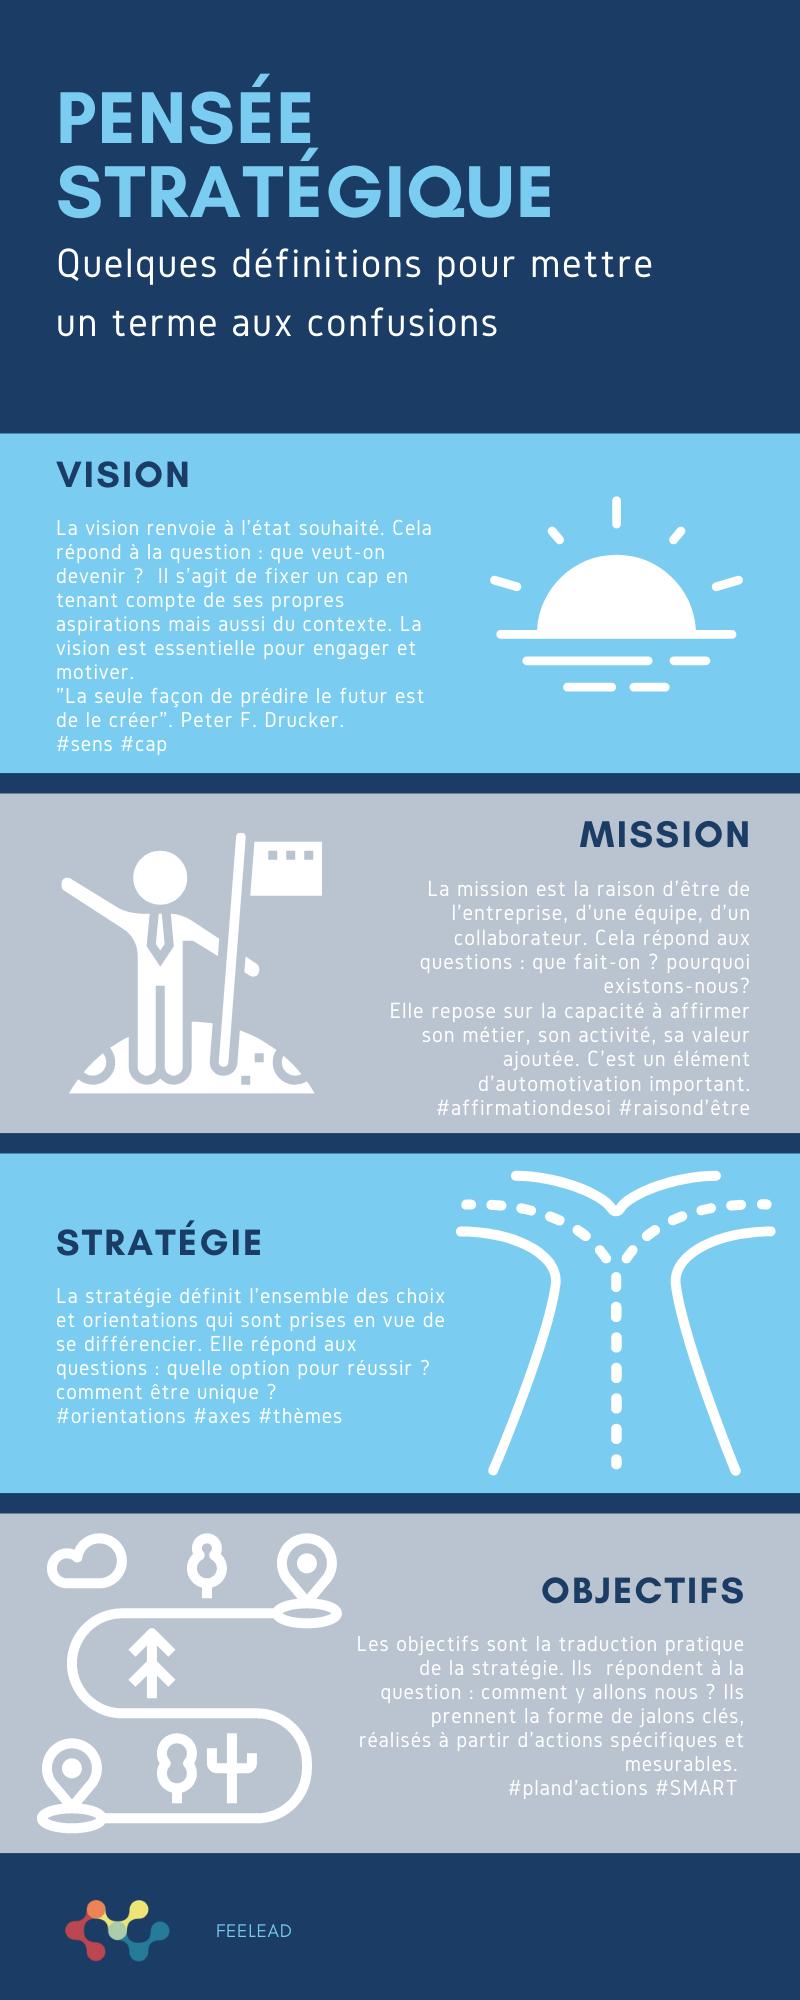 Vision mission ist was eine strategie und Unternehmensziel und